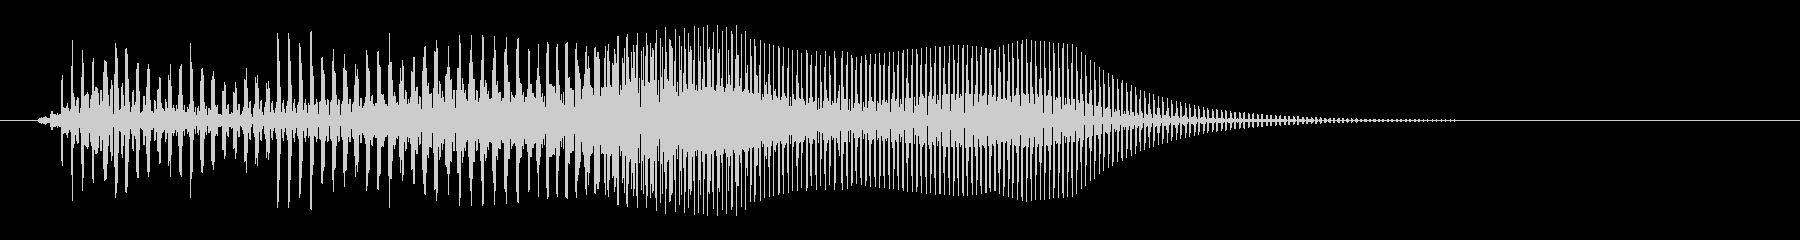 ポヘェ〜 (脱力系のエラー音)の未再生の波形